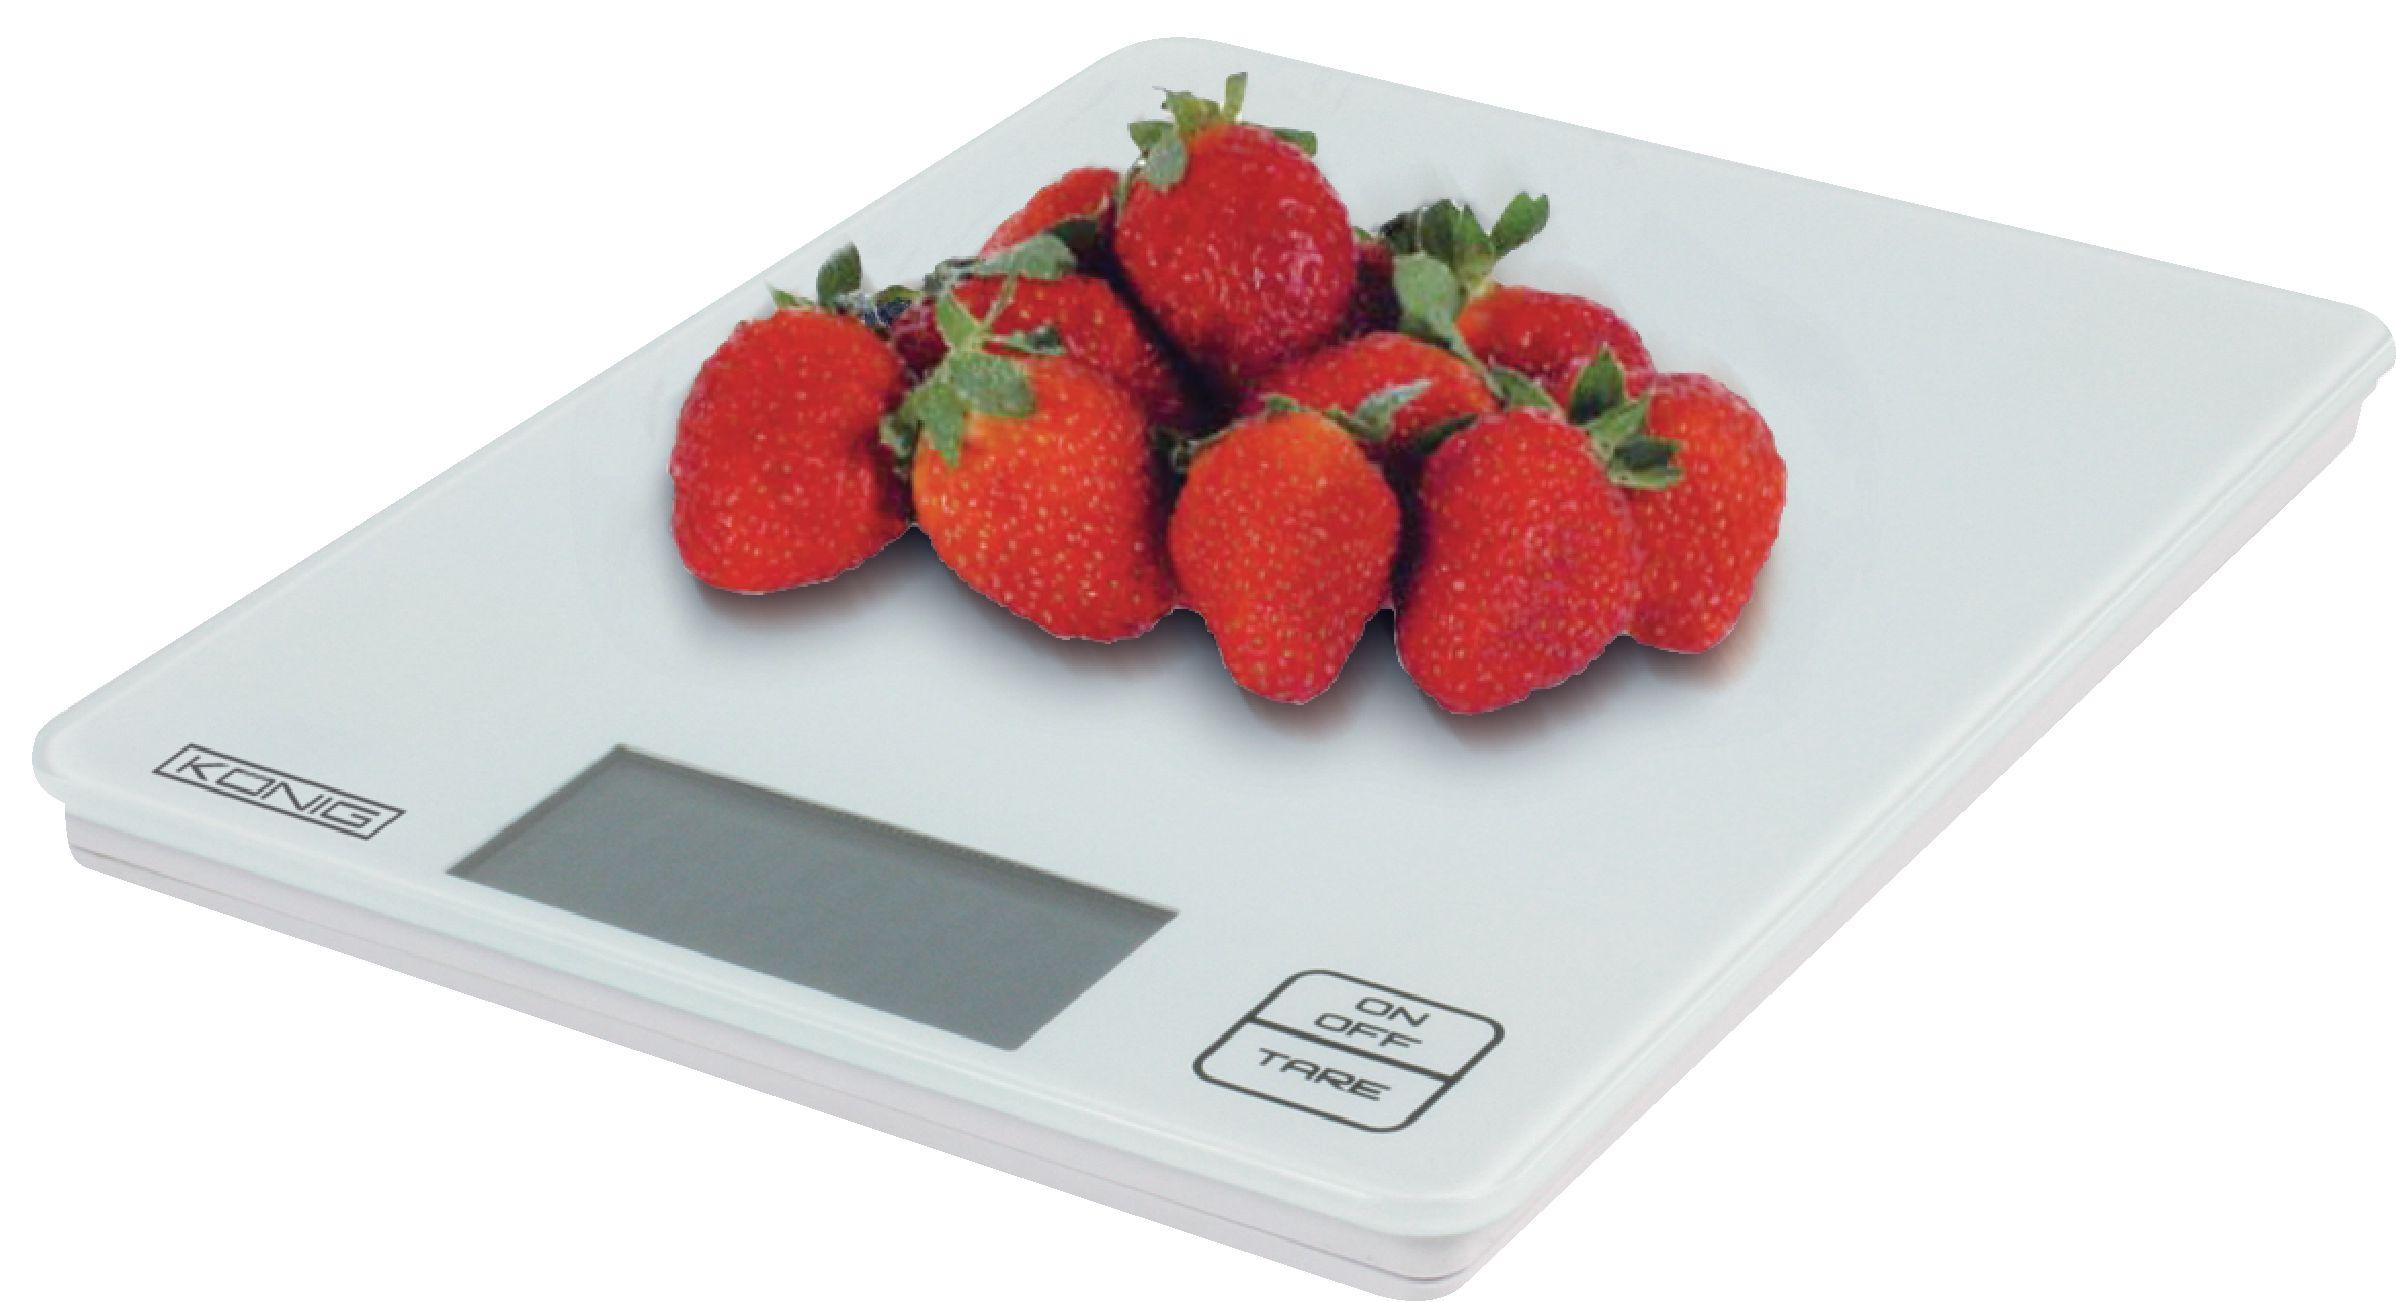 Kuchyňská digitální skleněná váha bílá König, HC-KS13N